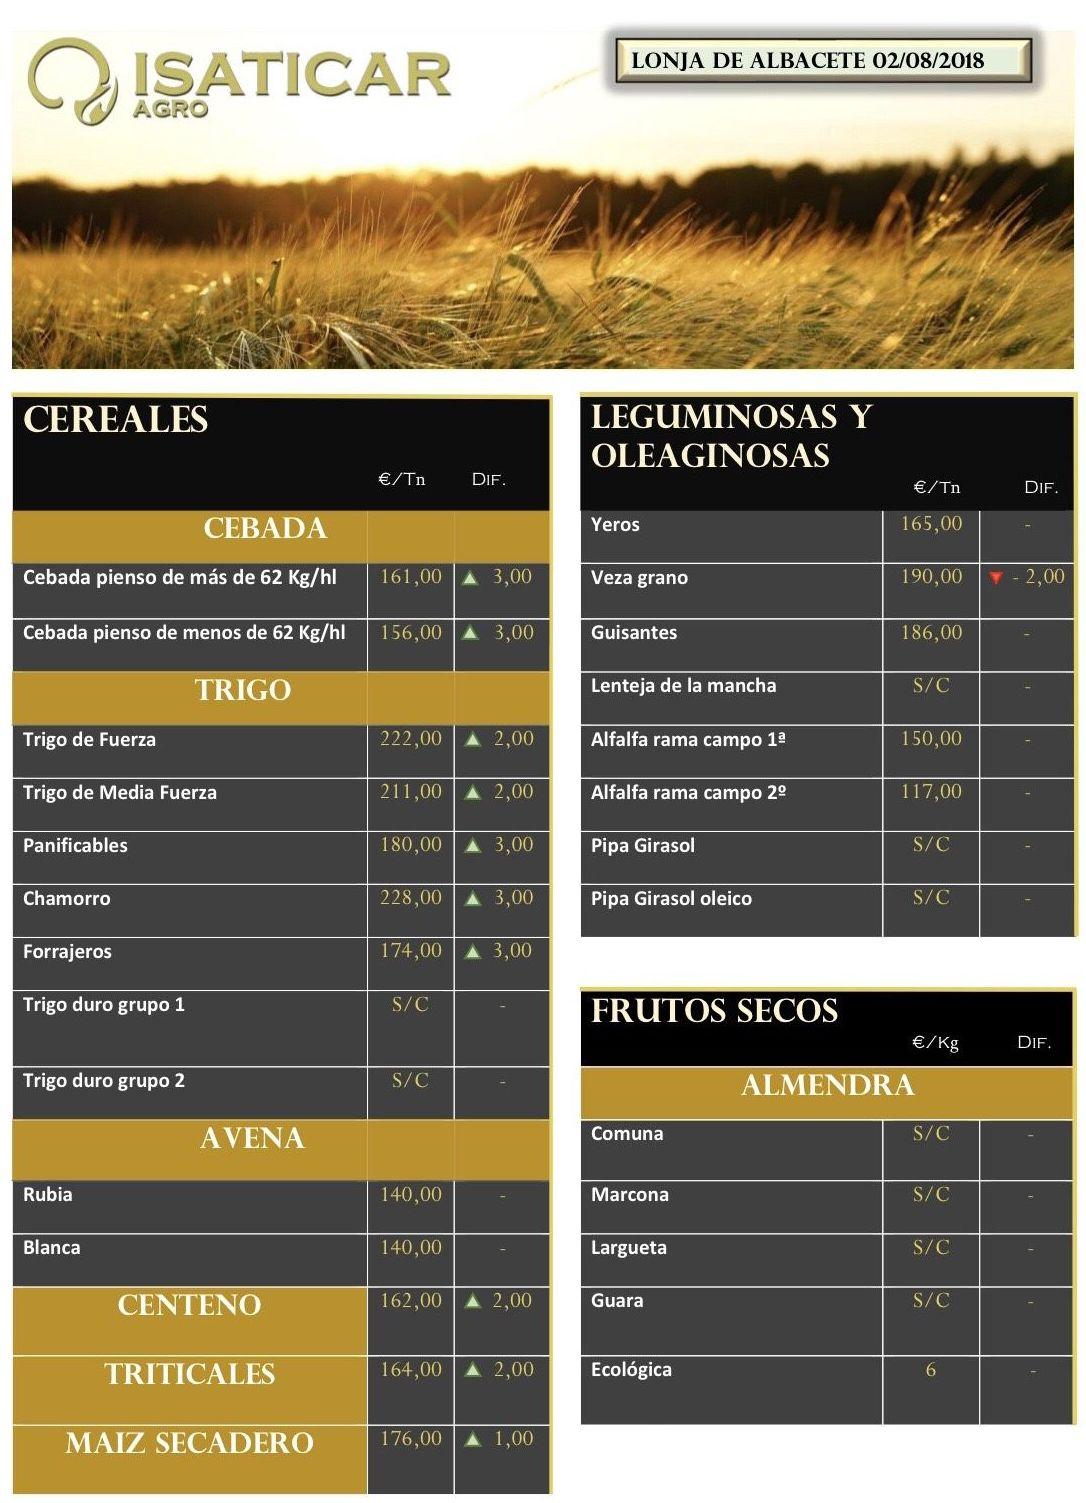 Cereales & Frutos Secos - Lonja de Albacete 02.08.28